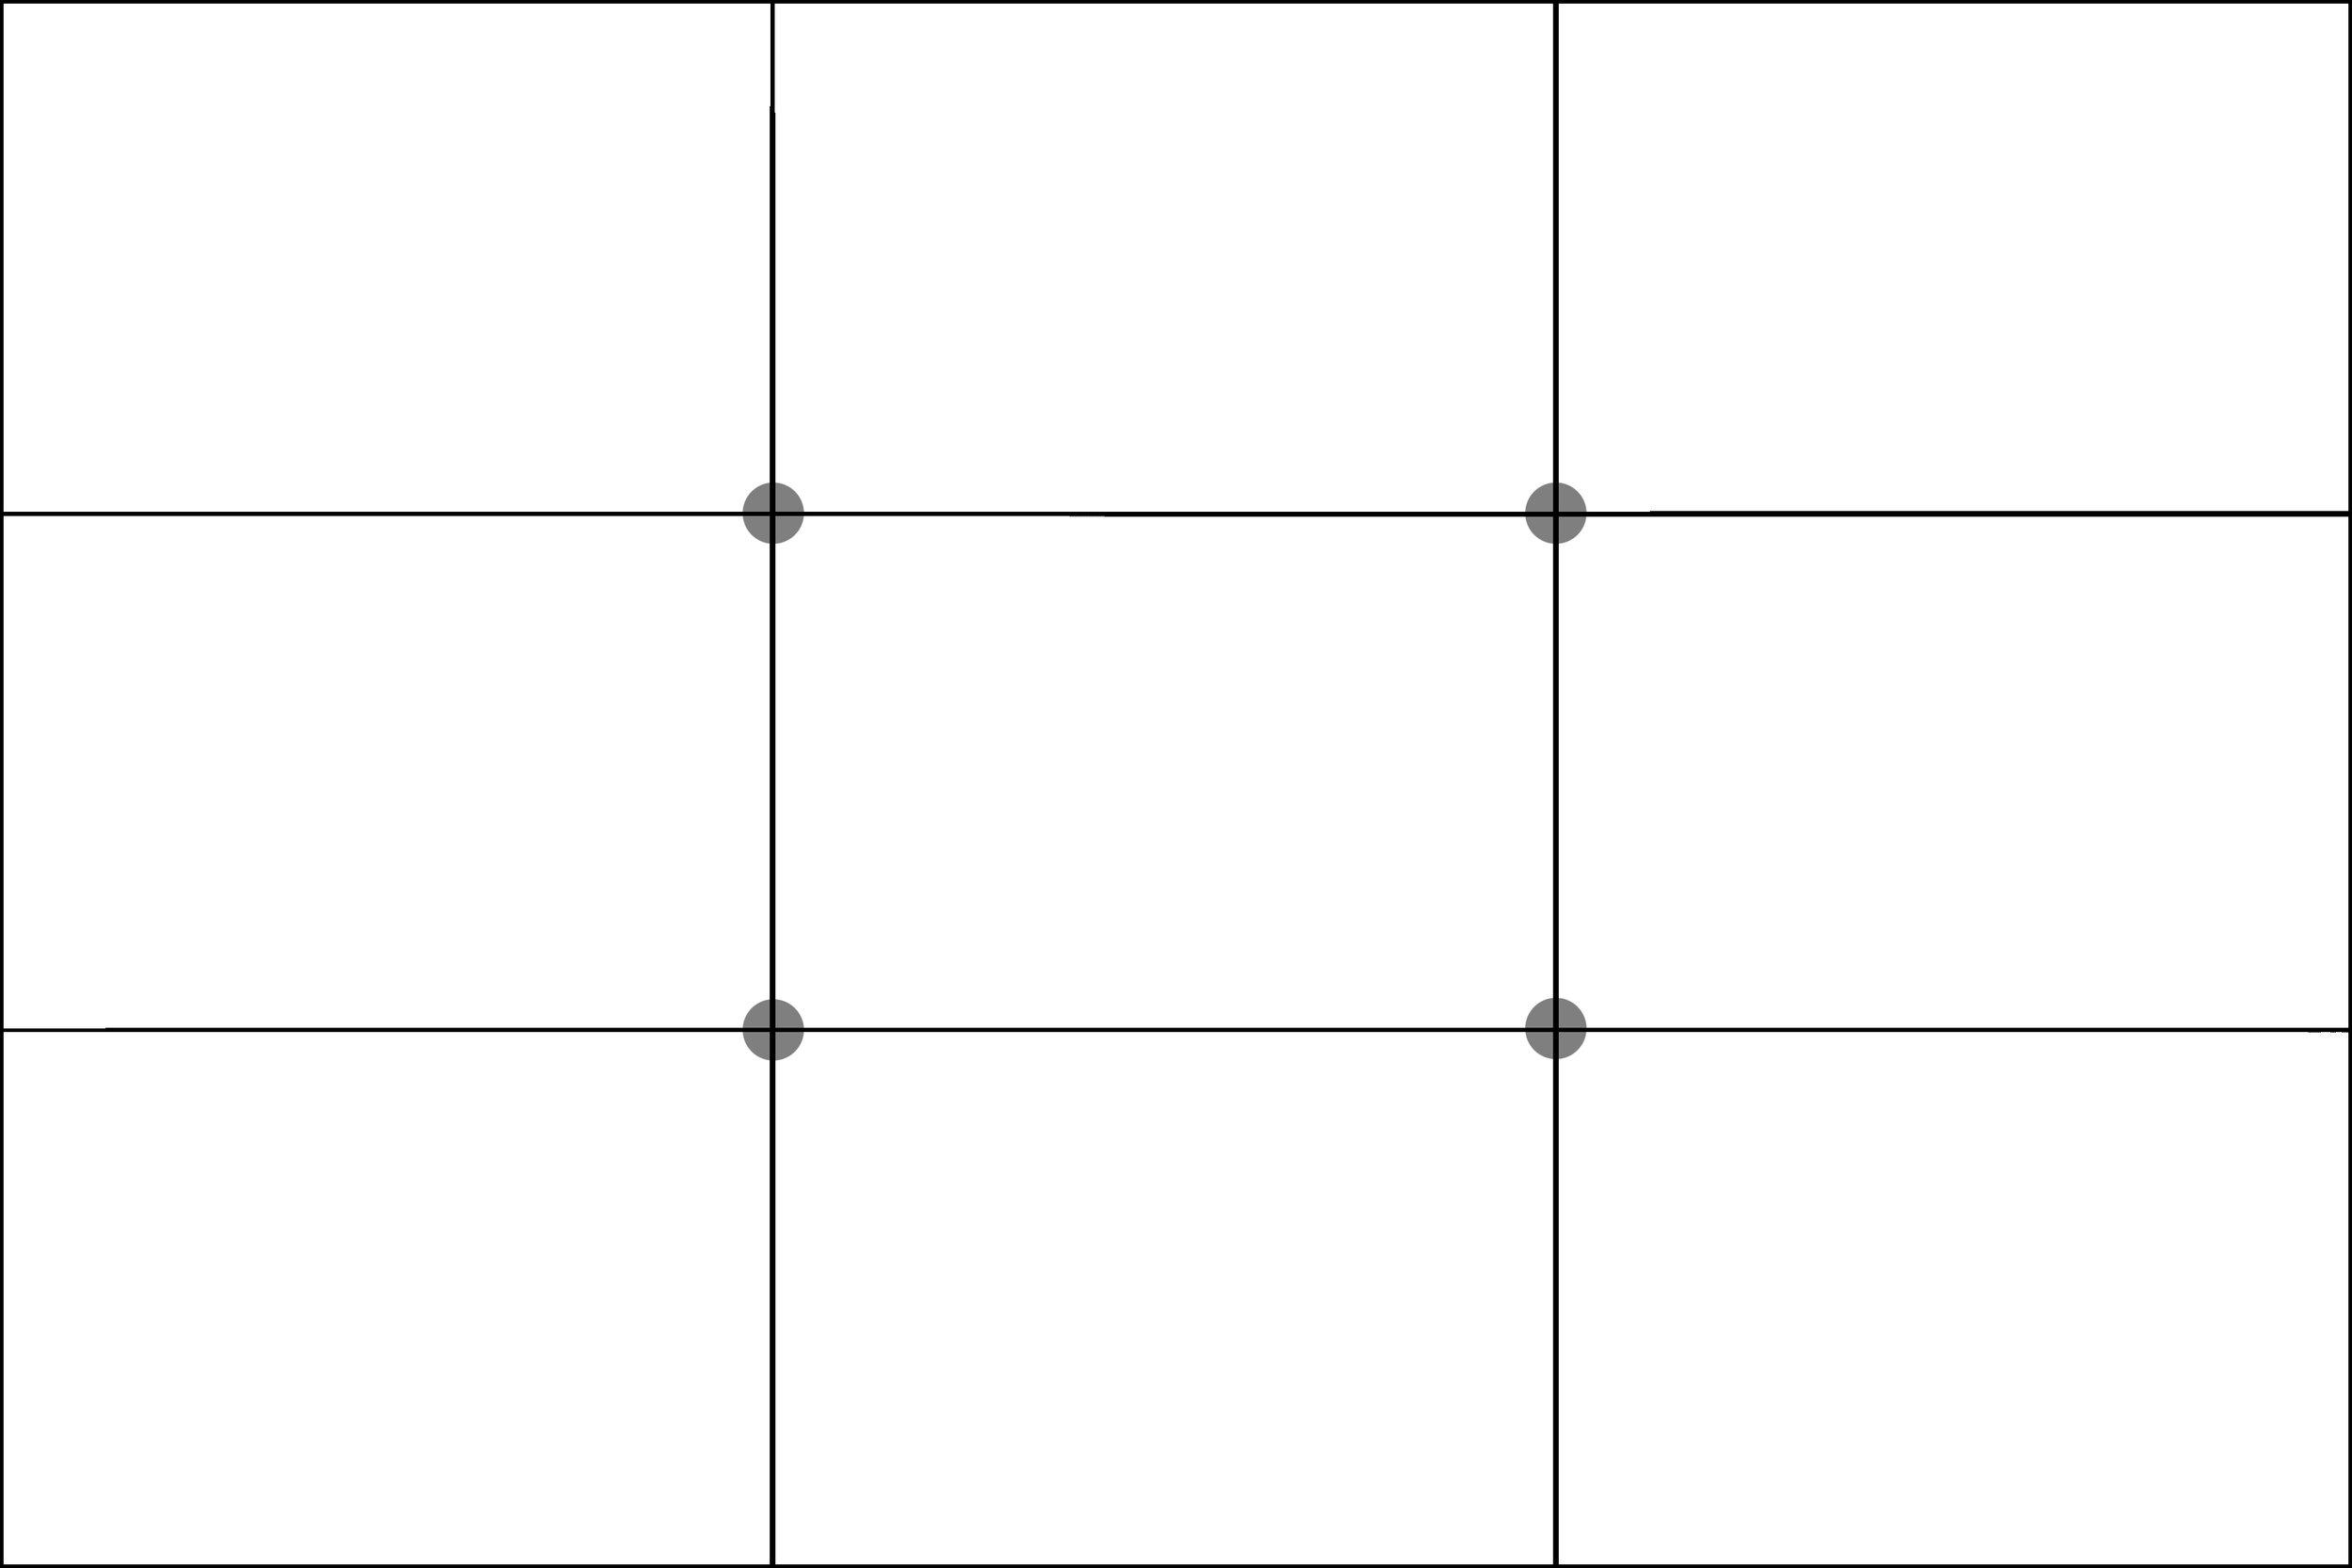 viewfinder-creativeboody-hobbyfotograaf-boom-rupel-regel-van-derden-fotografie-2